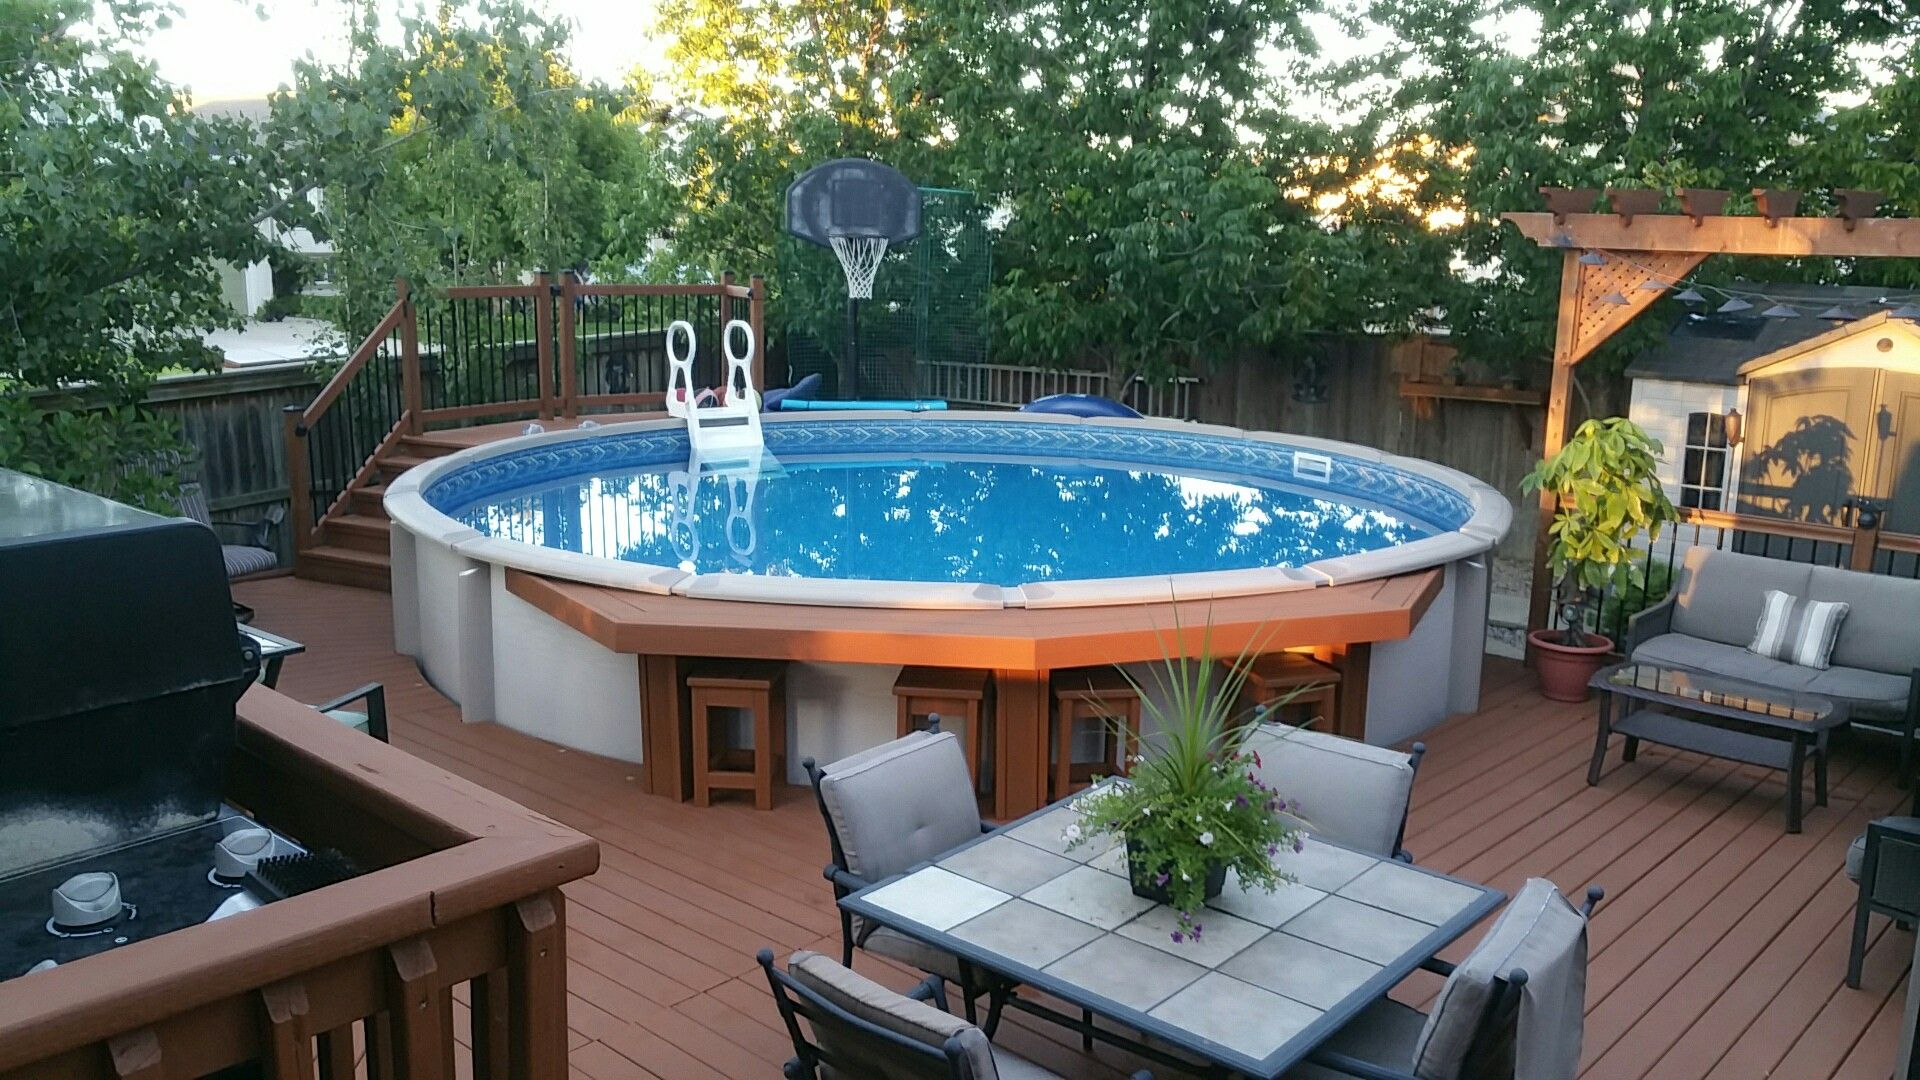 Pool Bar   Pool houses, Decks around pools, Backyard patio